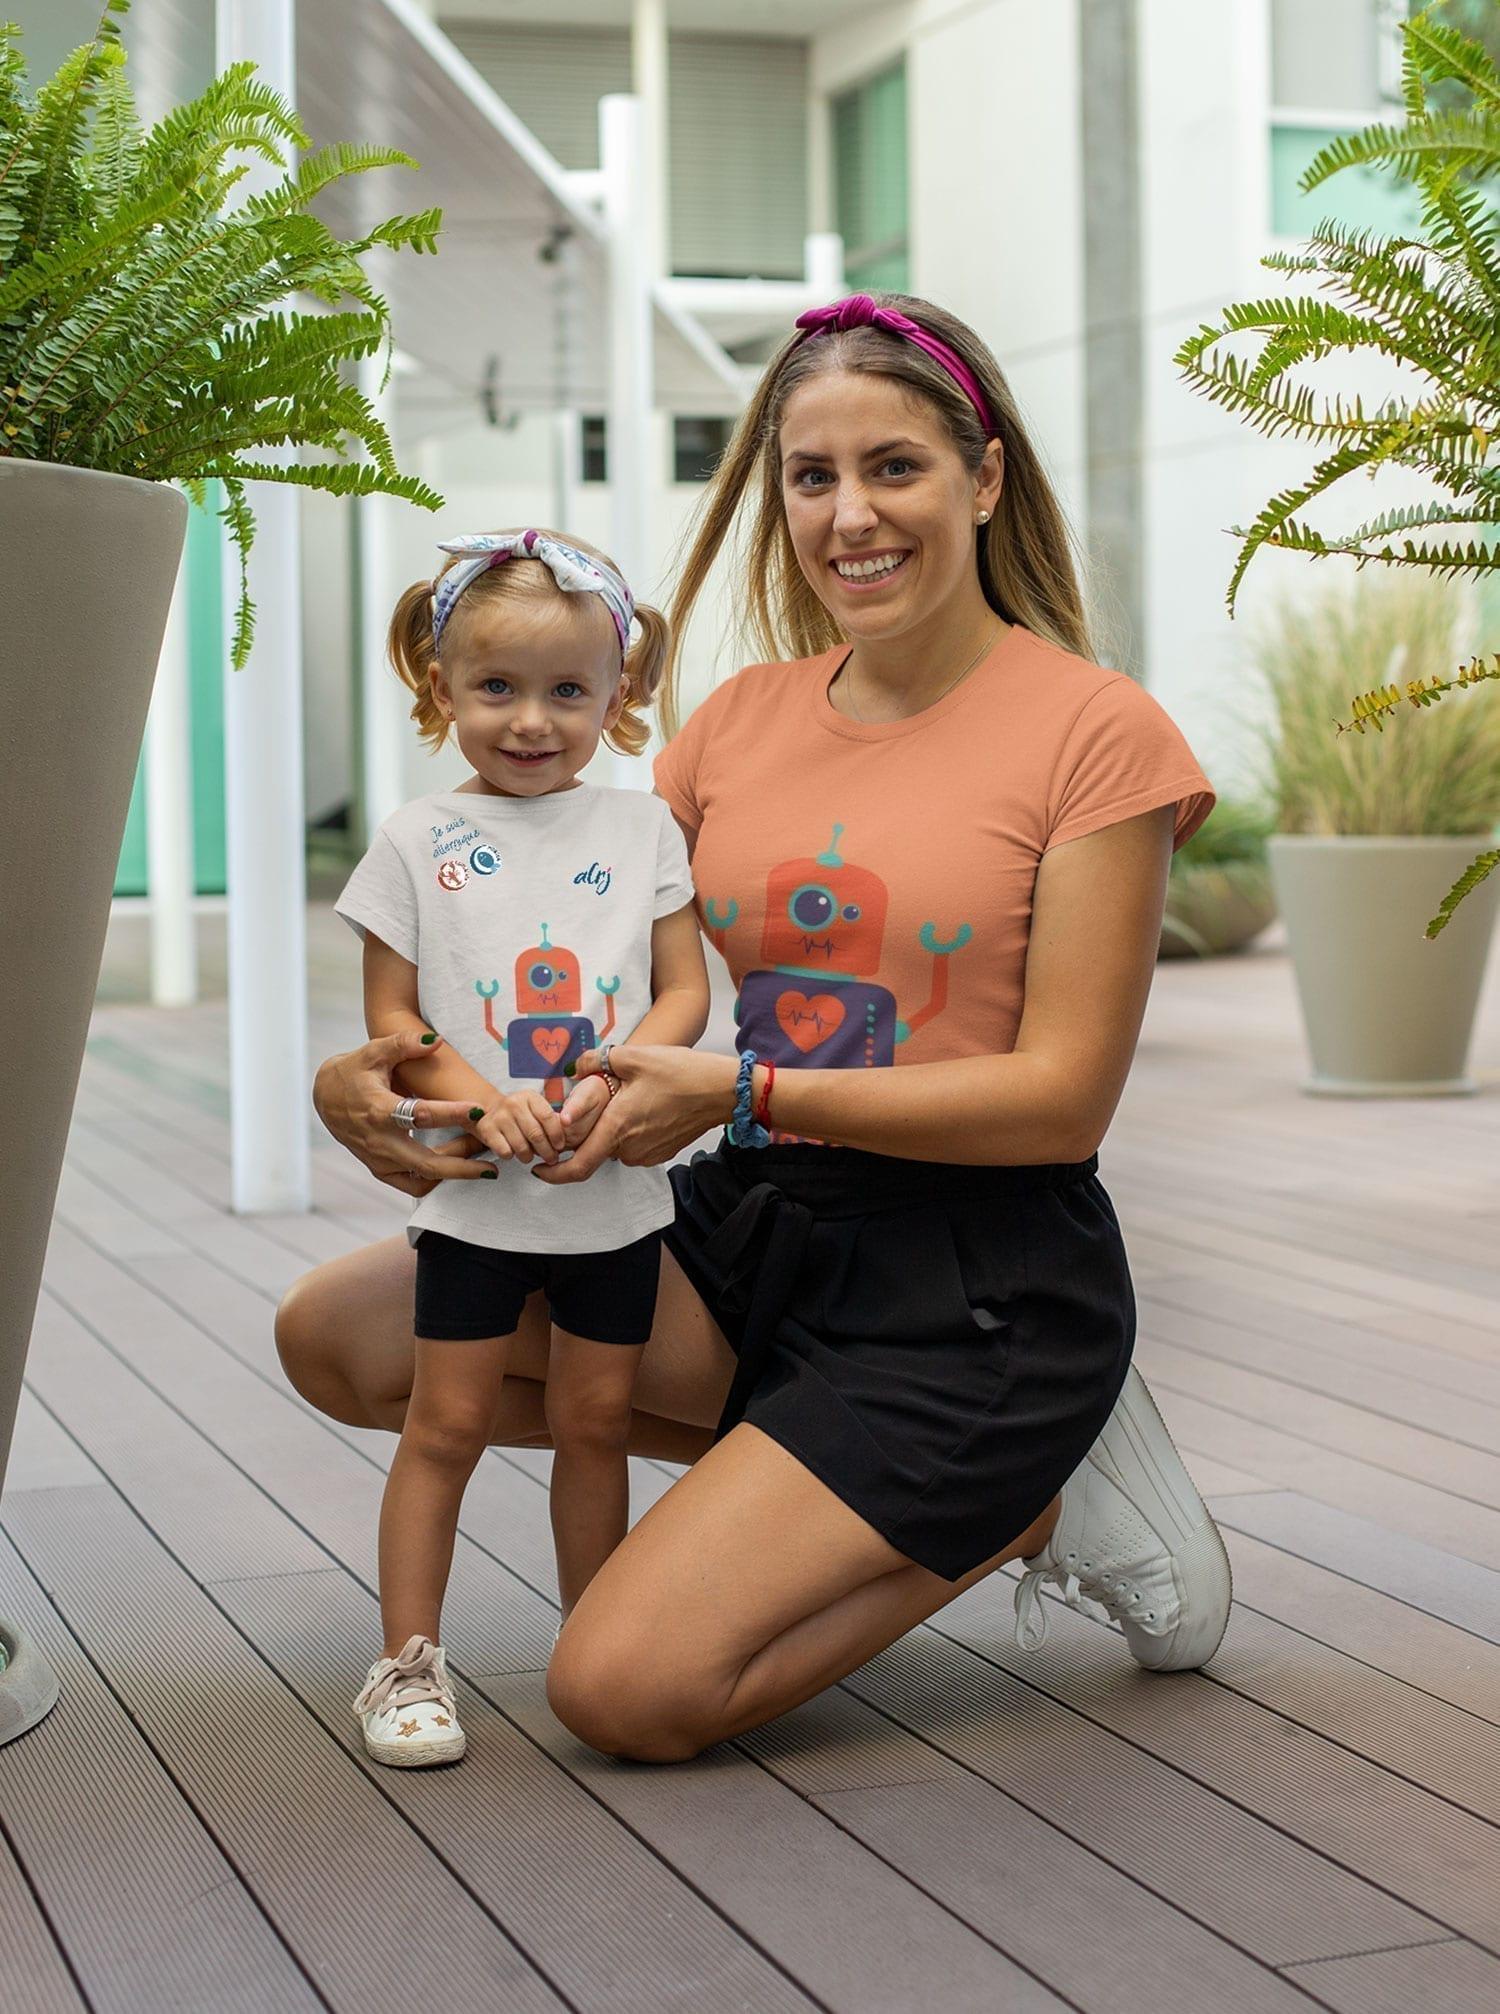 fillette allergique et sa maman portant un t-shirt robot